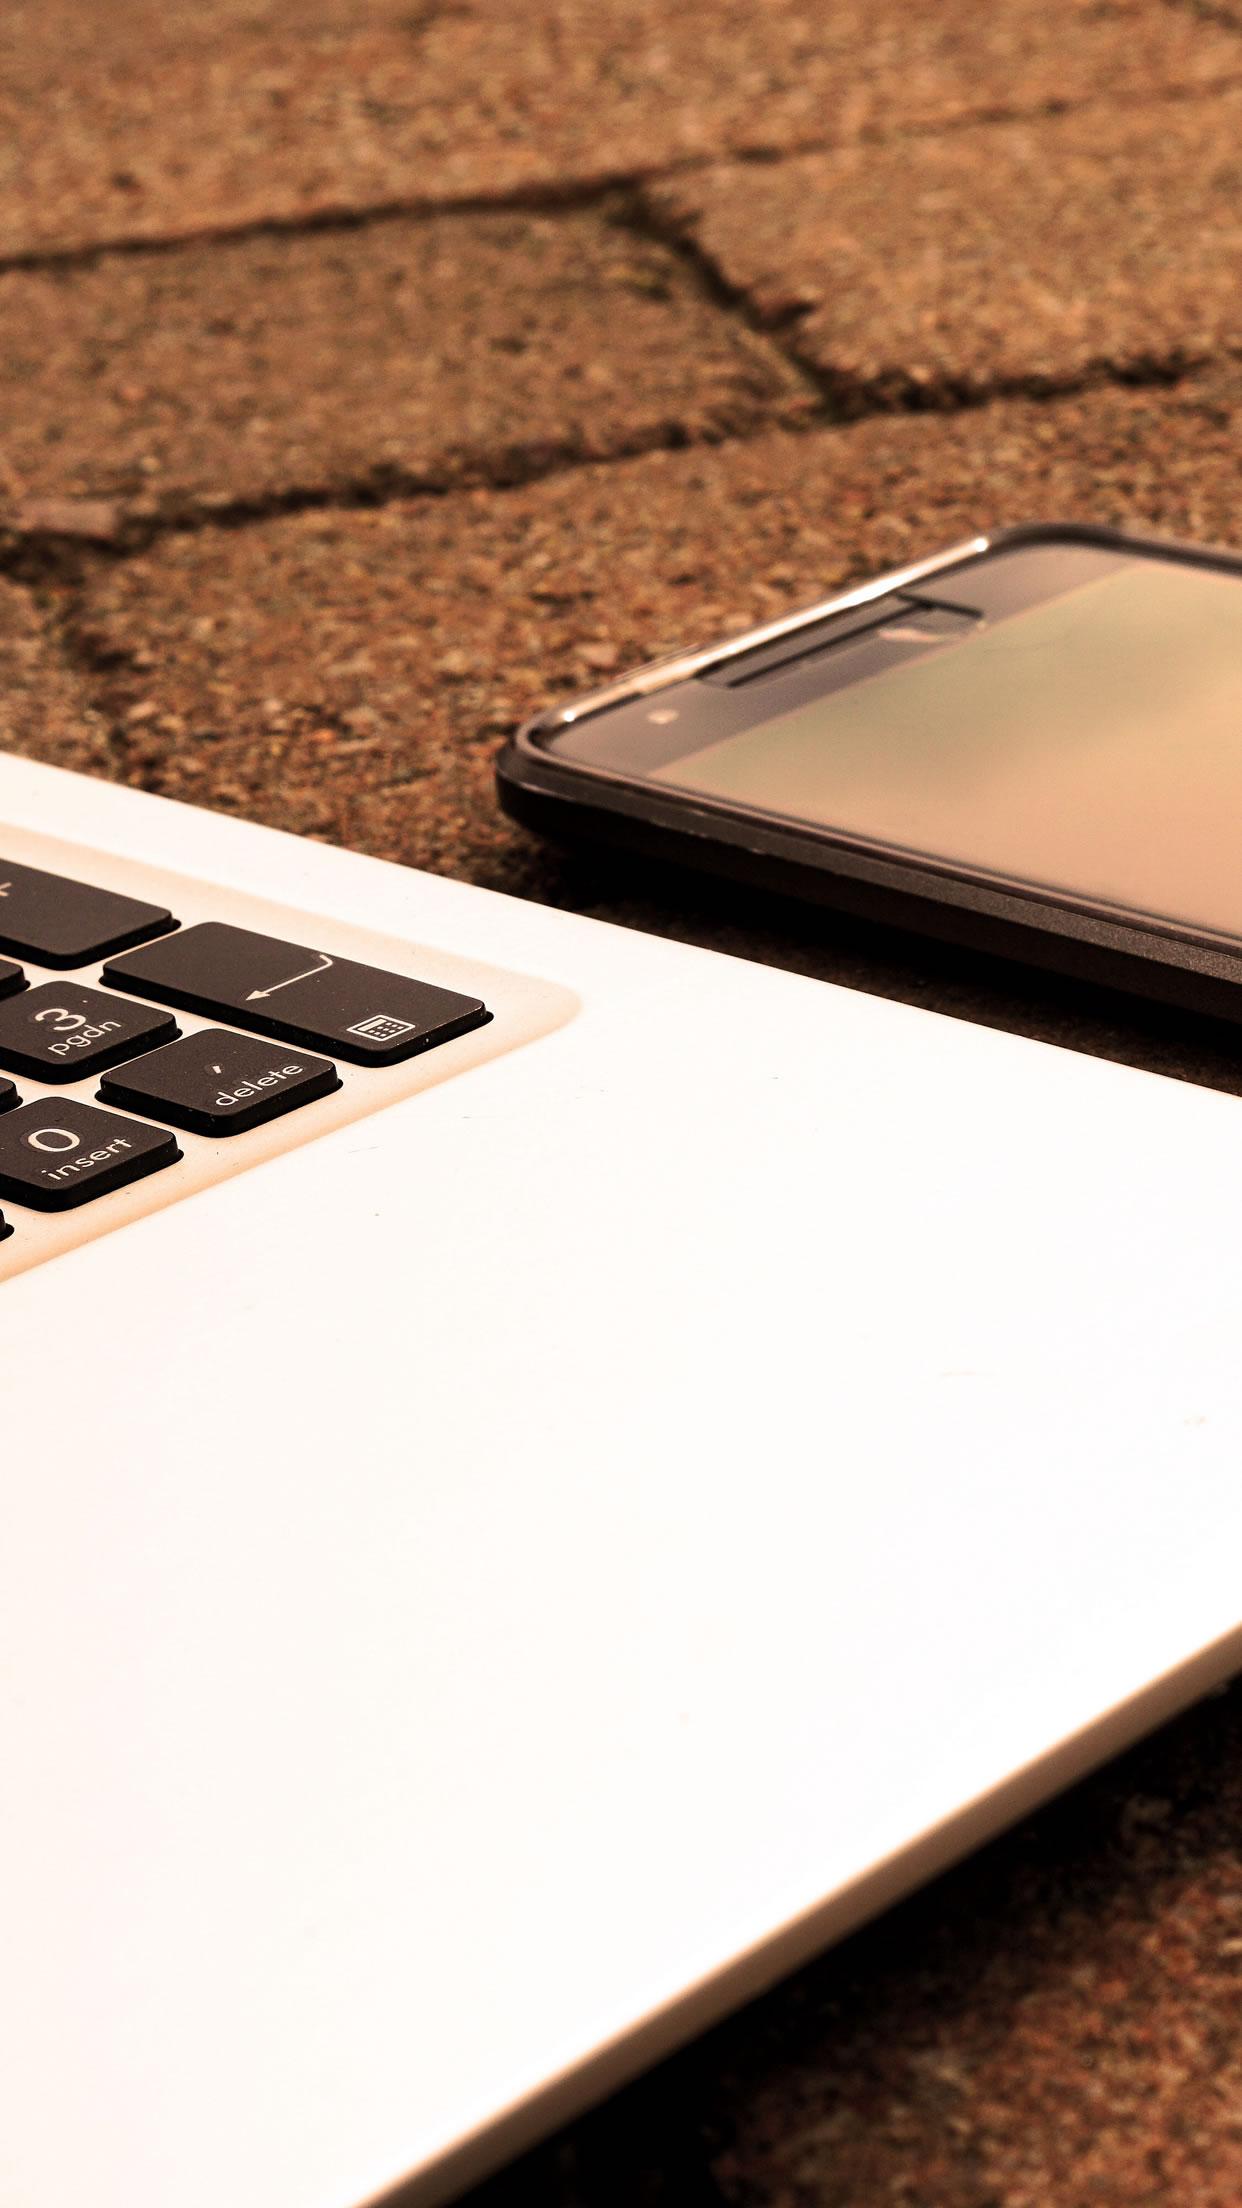 ラップトップスマートフォン技術iphone6plus壁紙 1242 28 Iphoneチーズ